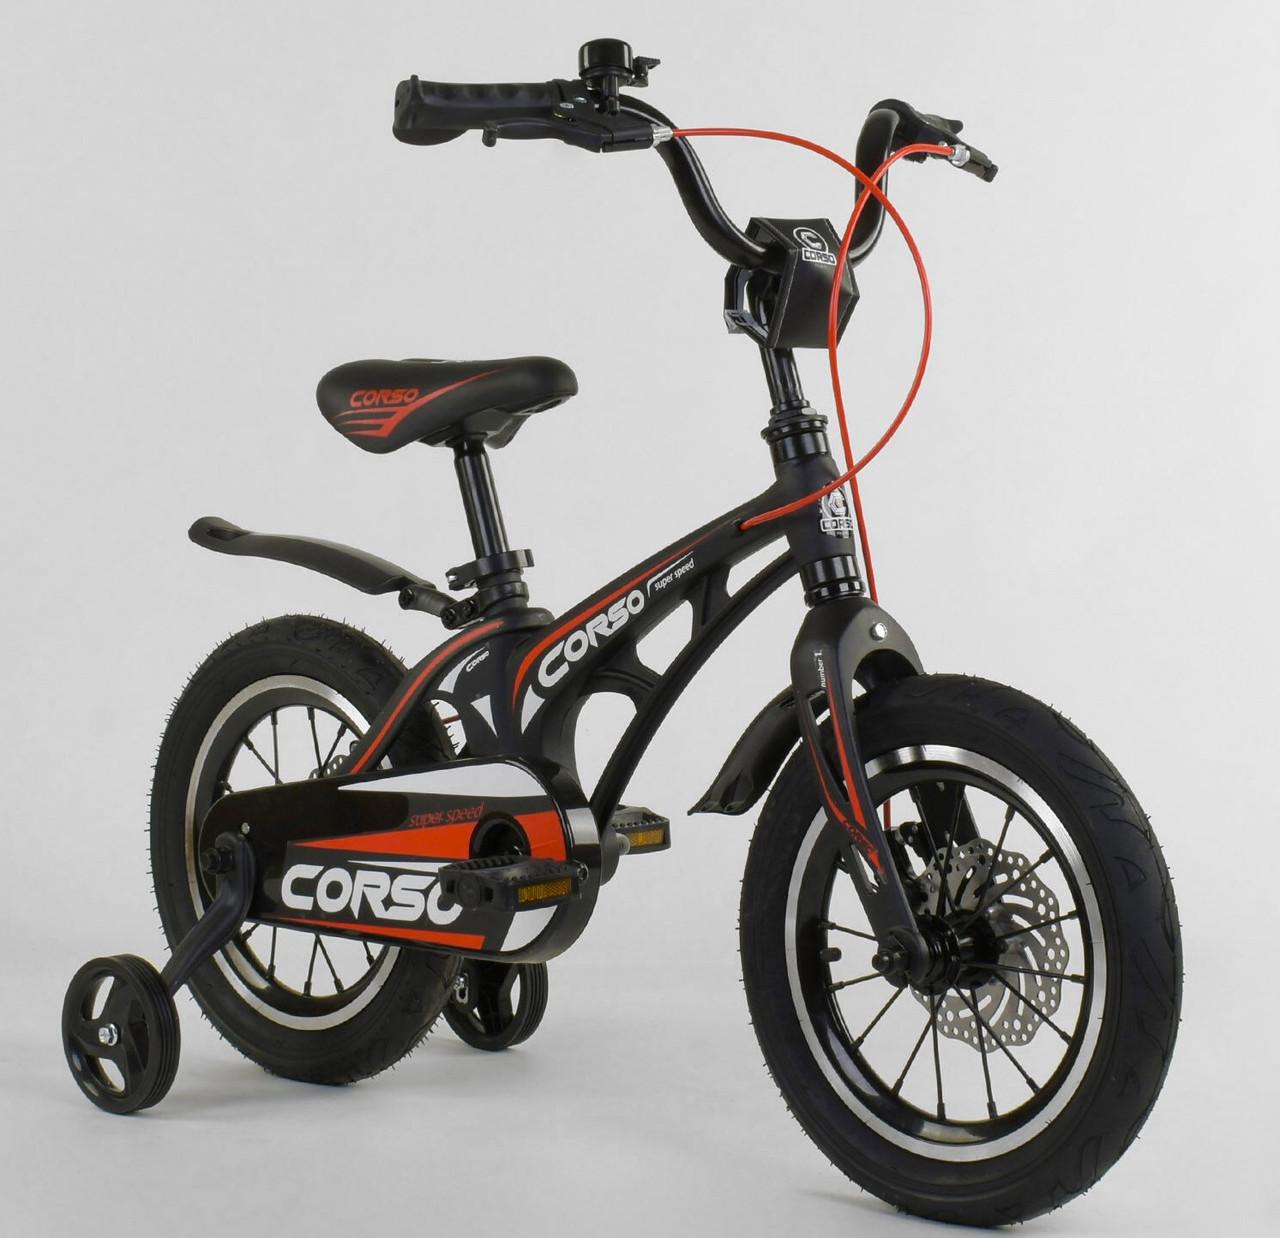 Дитячий 2-х колісний двоколісний велосипед 14 дюймів MG-14 S 325, магнієва рама, подвійні диски, ровер